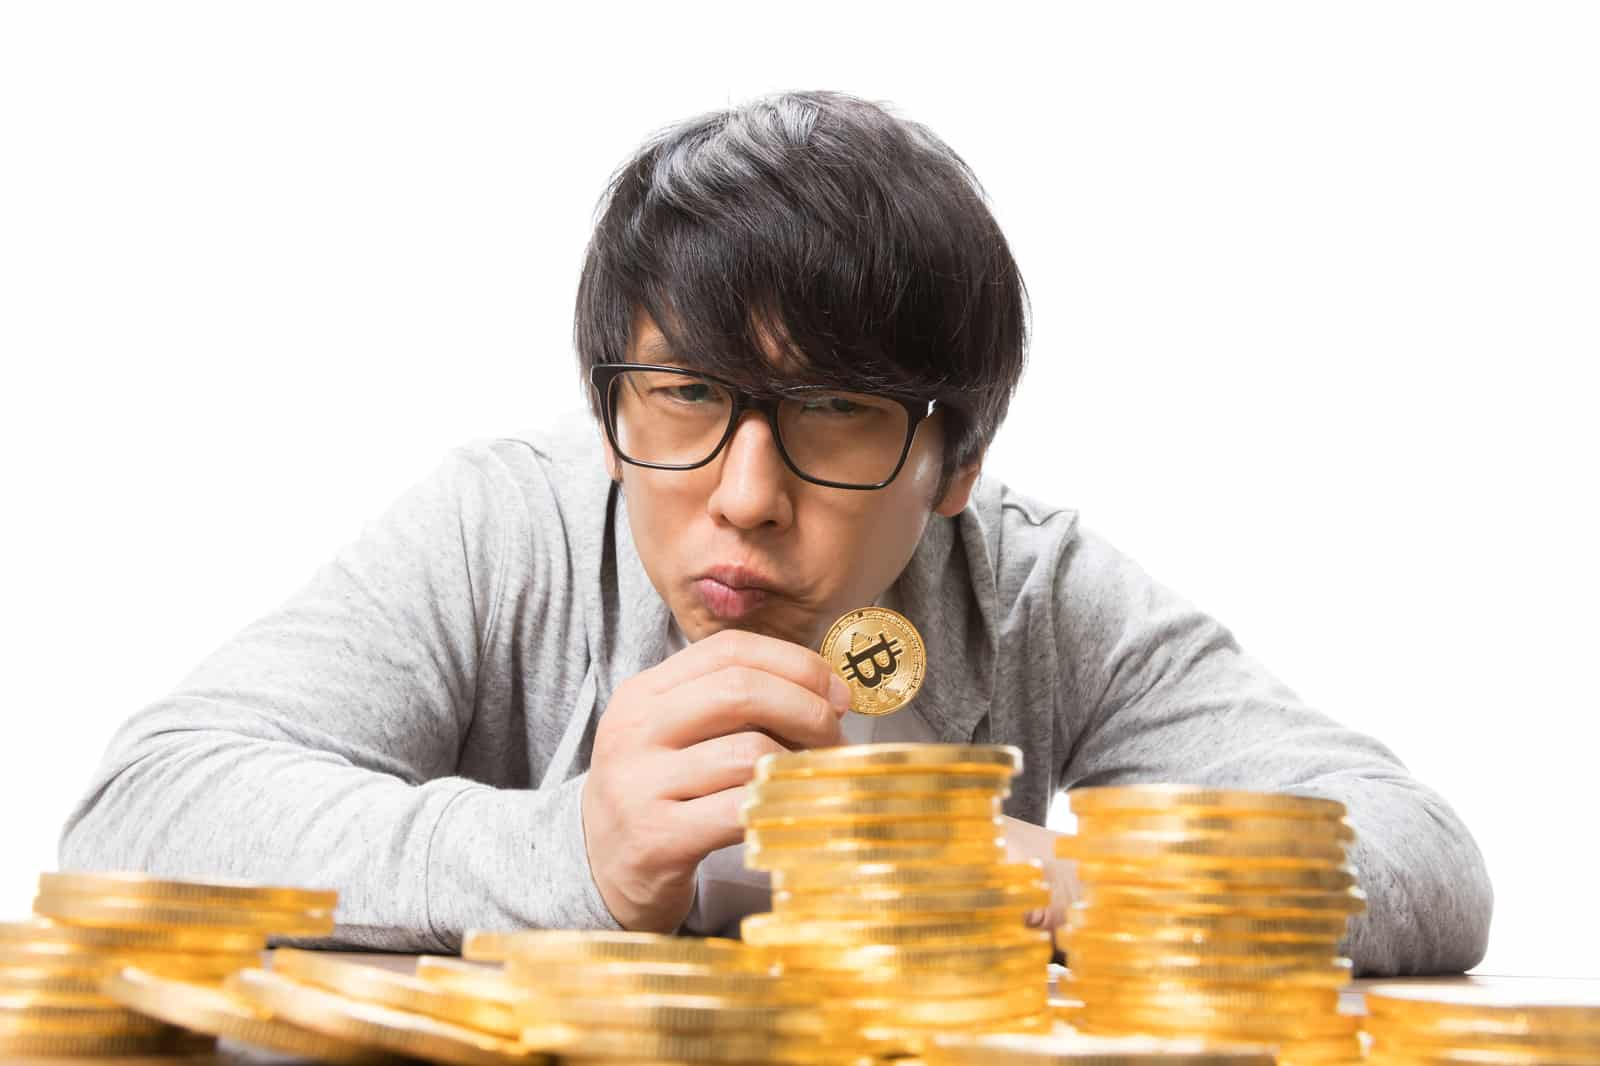 【管理人ブログ19】BTC20万円分をエイダコインに交換(2018年5月7日)